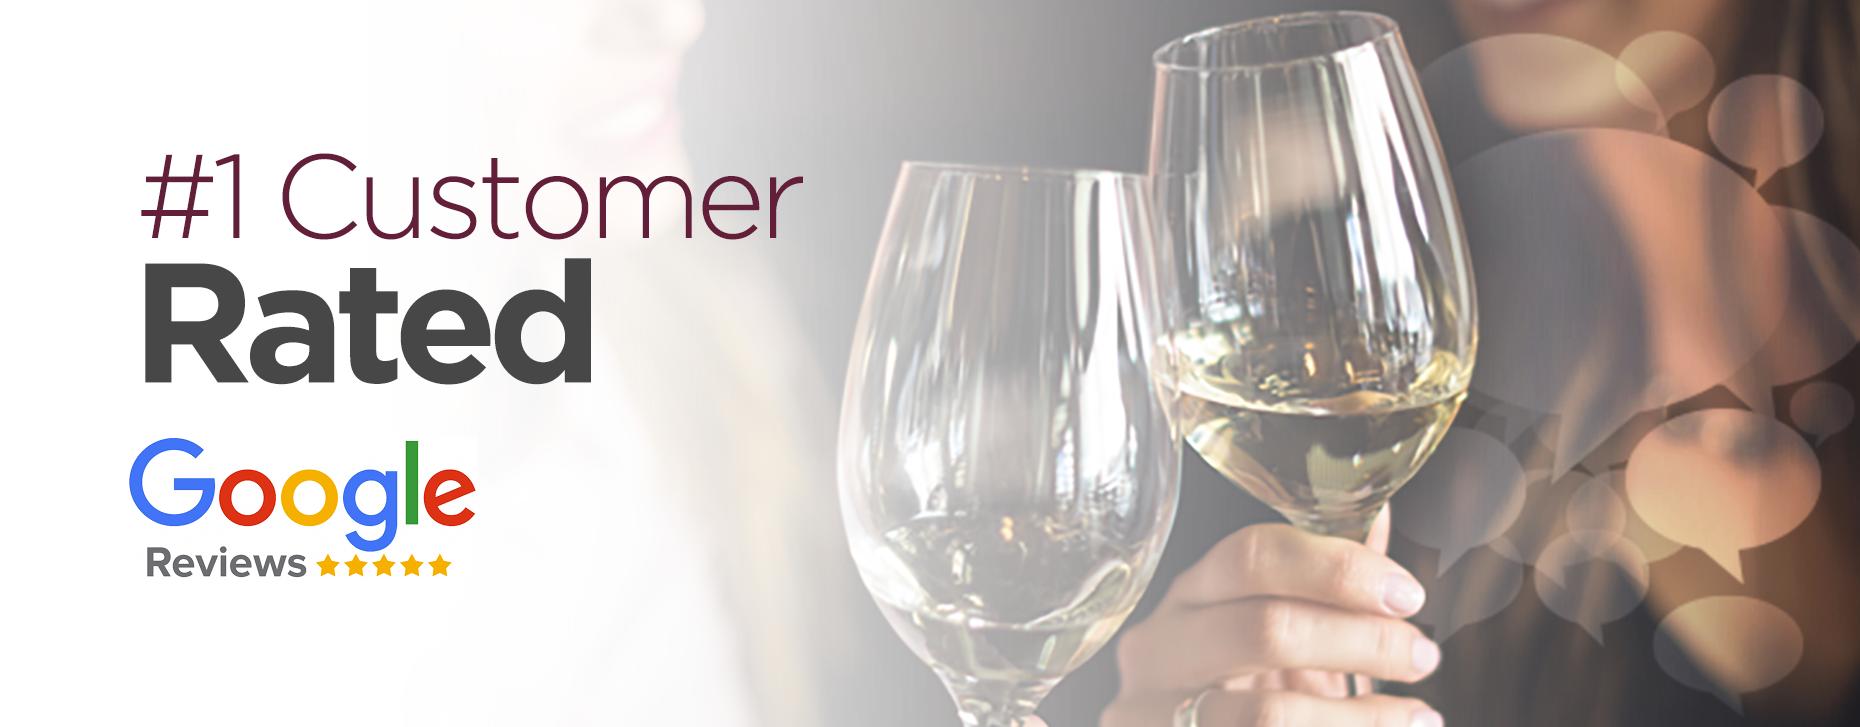 Maison Bouvier Sainte Luce Sur Loire b-21 fine wine & spirits